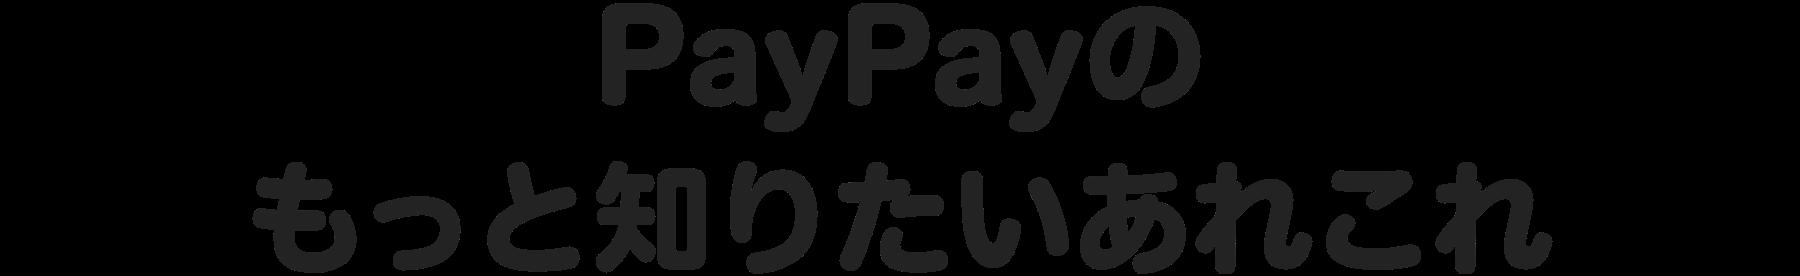 PayPayのもっと知りたいあれこれ